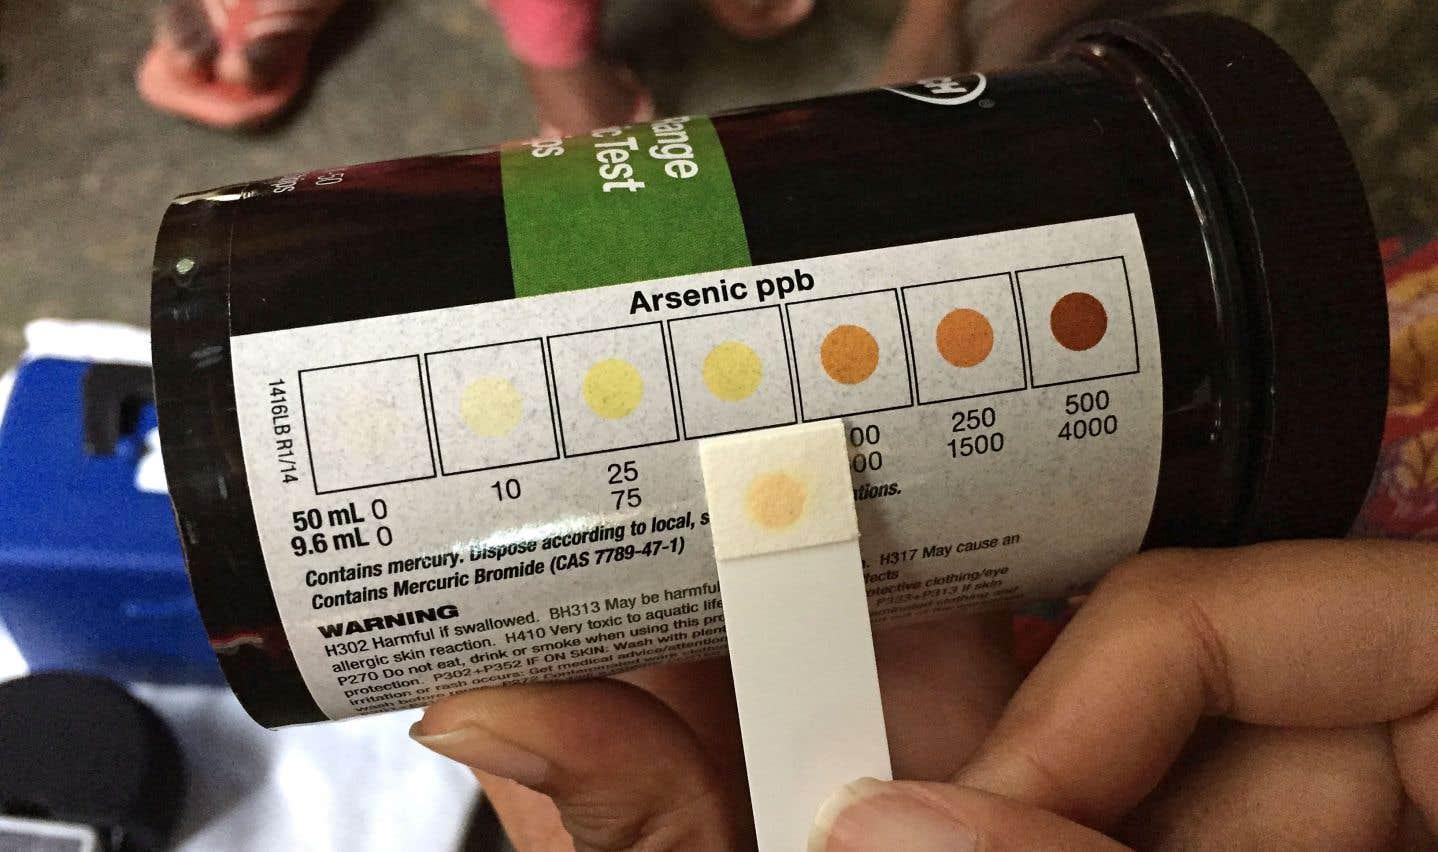 Dans le village de Koila, la teneur en arsenic de l'eau tirée de plusieurs puits artésiens est supérieure au seuil national de 50 microgrammes par litre. L'OMS recommande un taux maximum de 10 microgrammes.